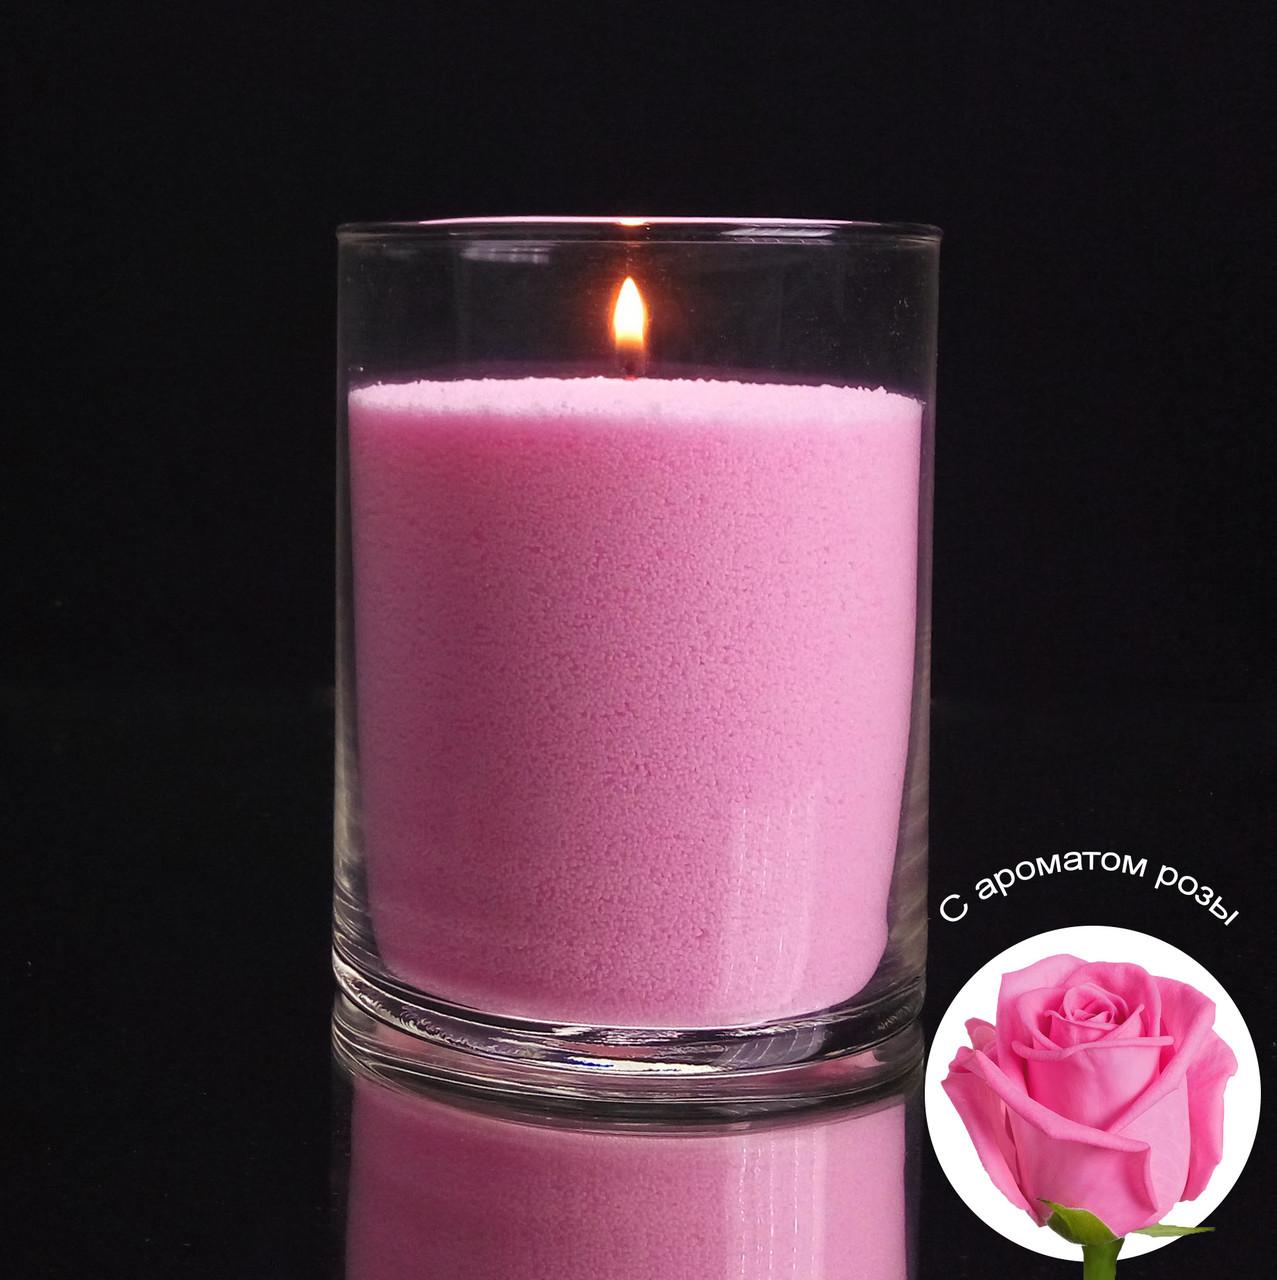 Ароматизированные розовые насыпные свечи, с запахом розы 1 кг + 1 м фитиля, фото 1